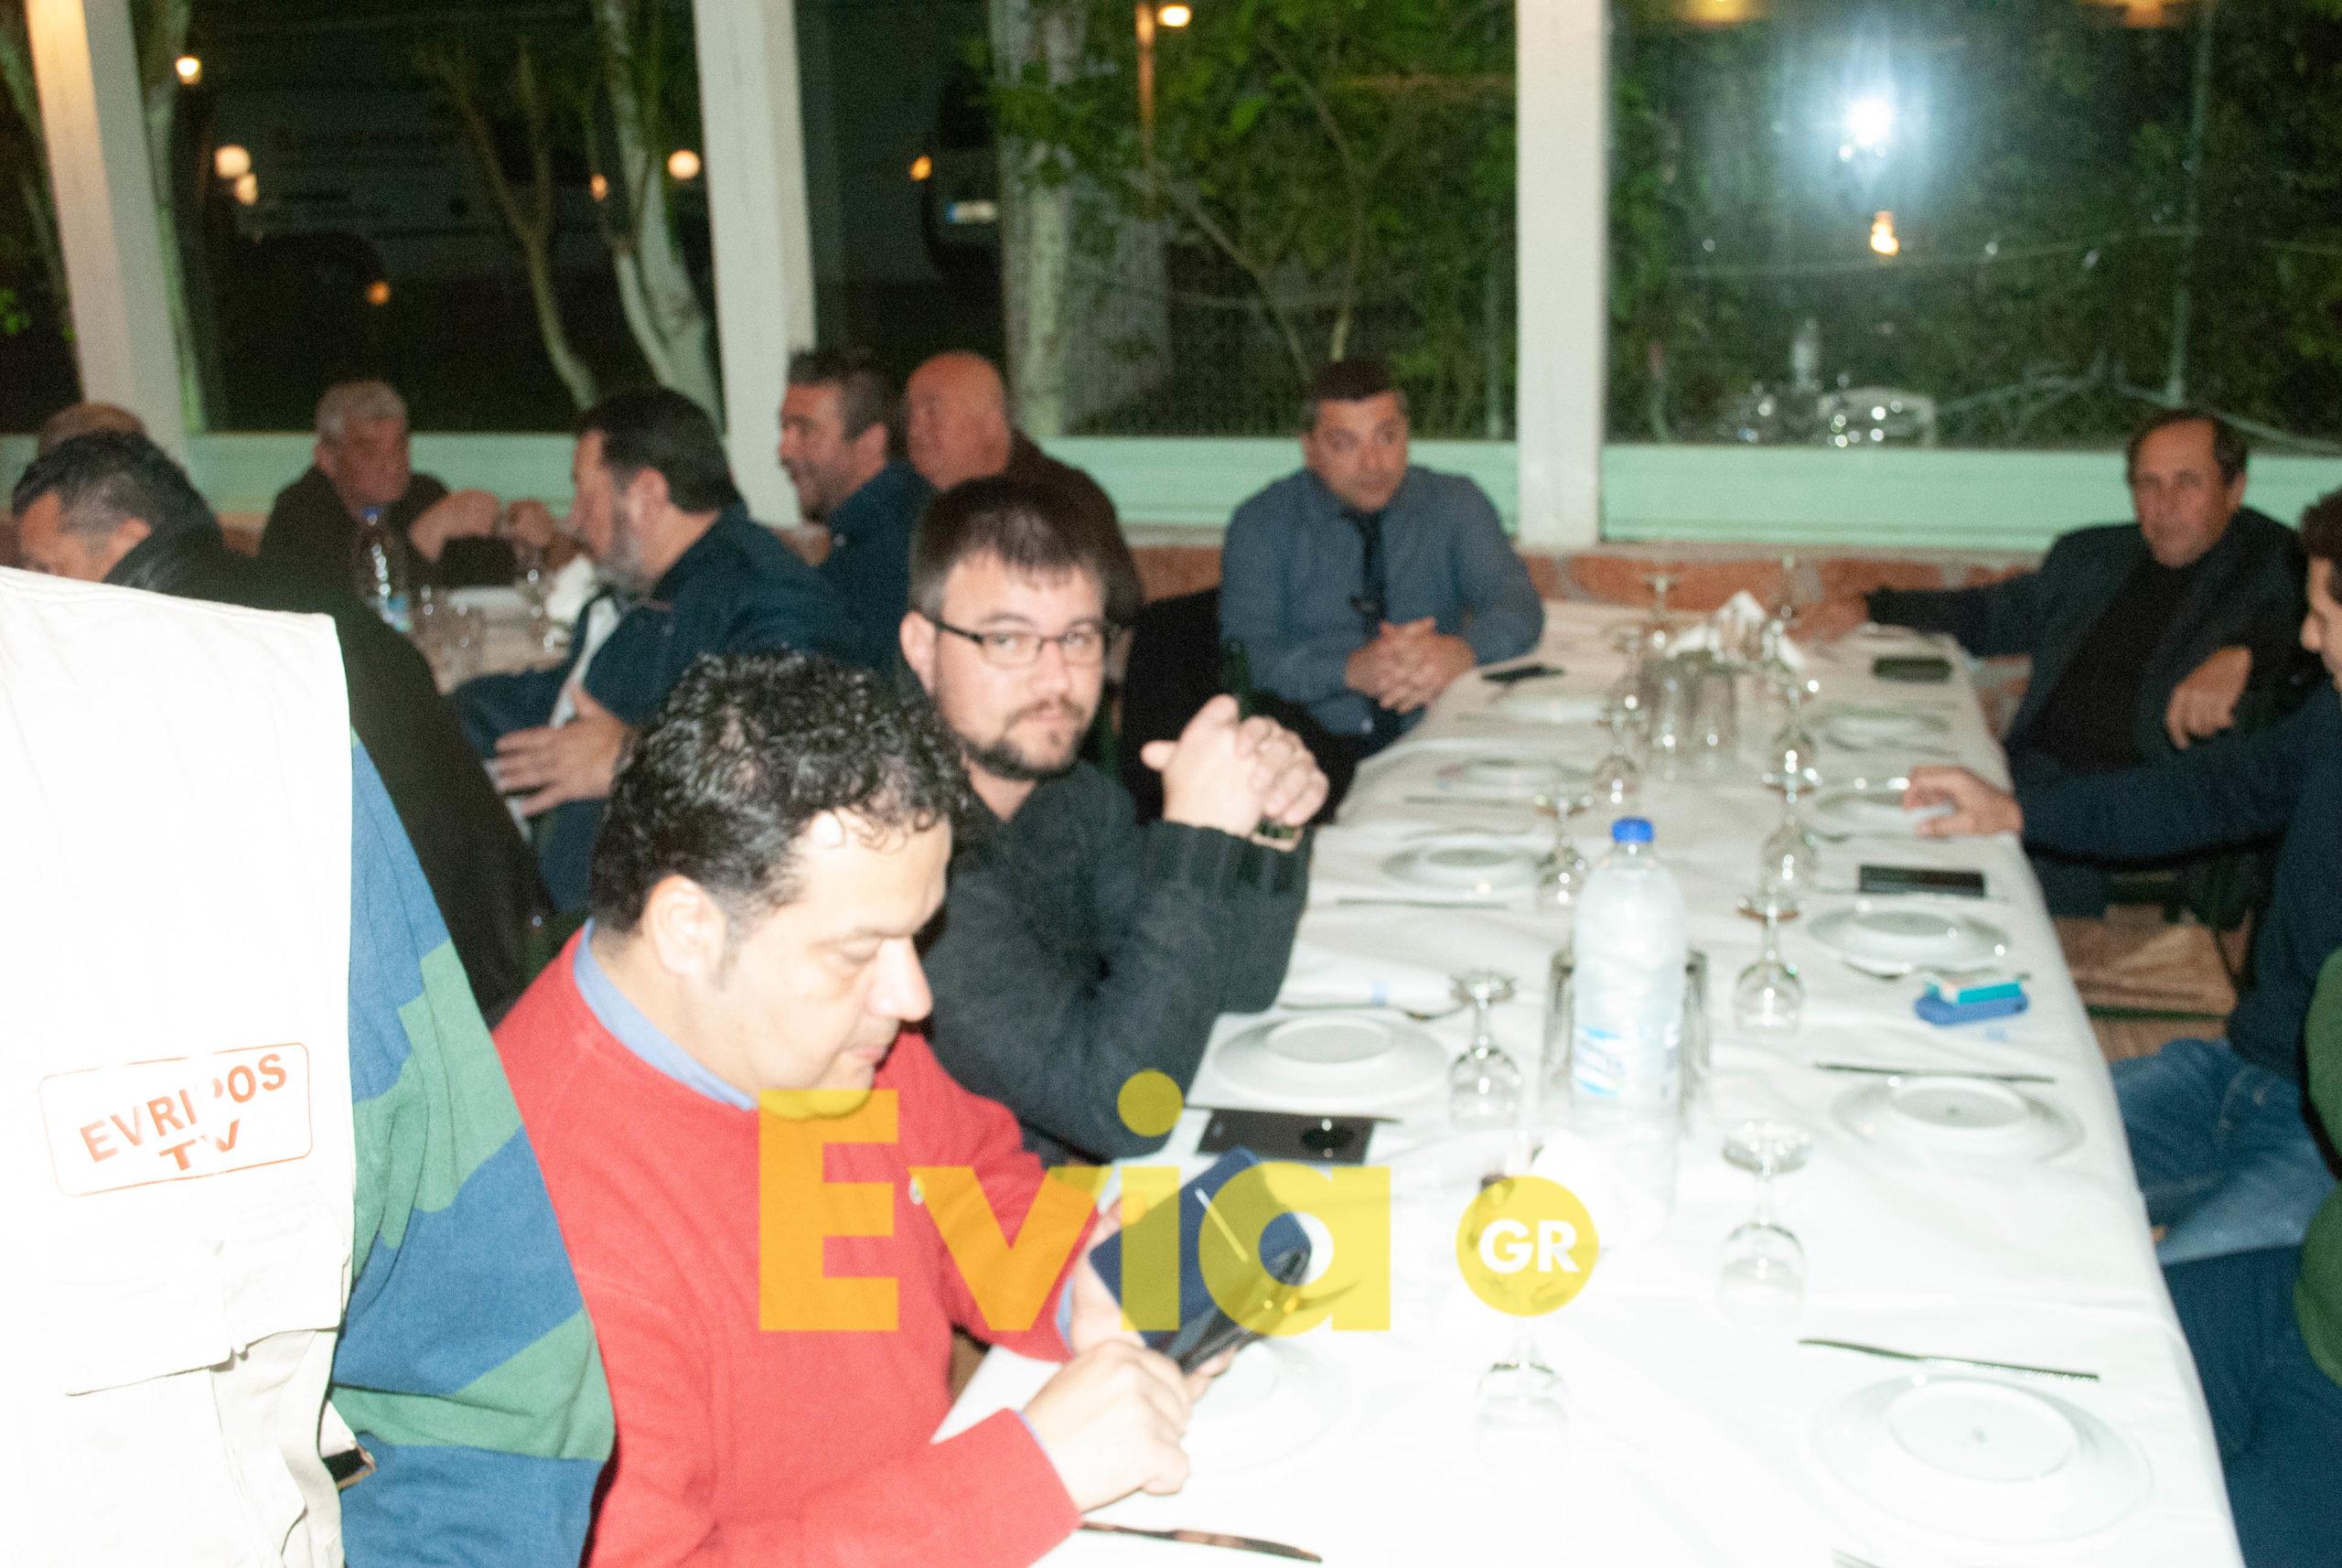 ΕΠΣ Ευβοίας Πραγματοποιήθηκε η κοπή πίτας της ΕΠΣ Ευβοίας για τα σωματεία Κεντρικής Εύβοιας DSC 0463 scaled